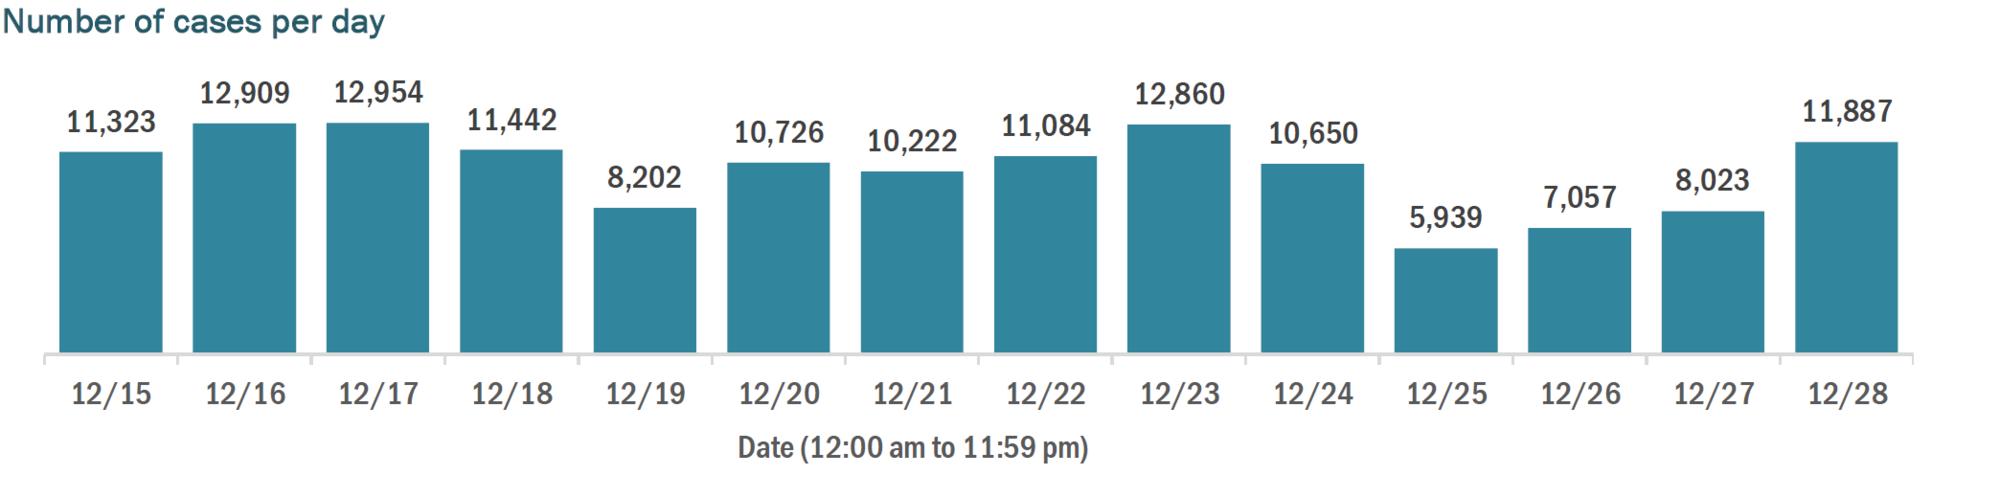 12.29 cases per day